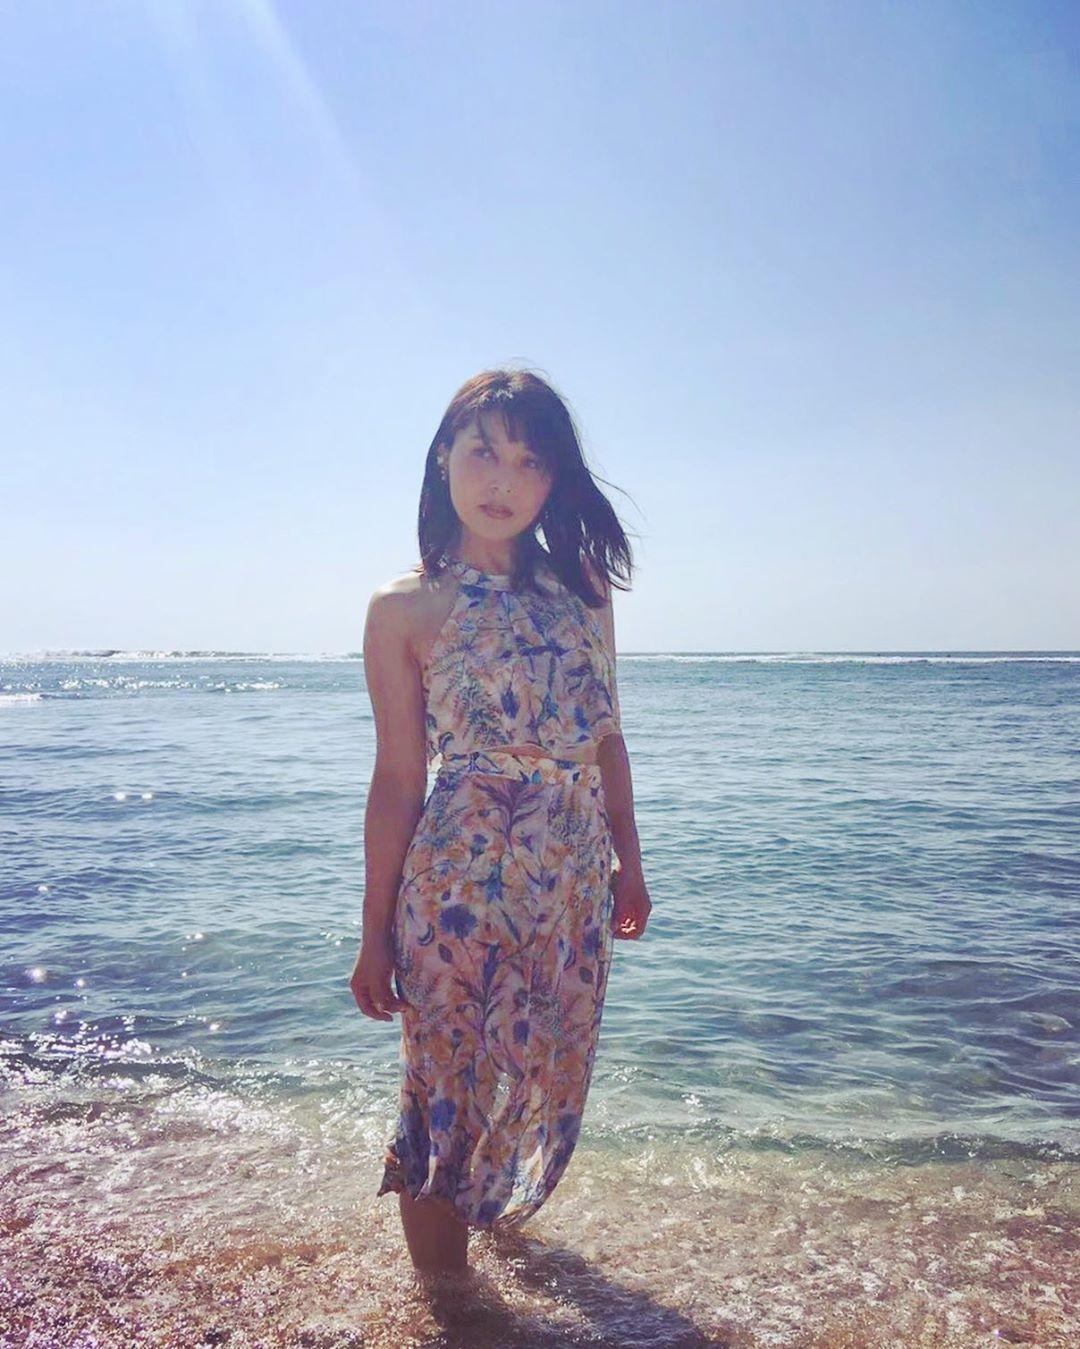 恵美 新 写真 集 田